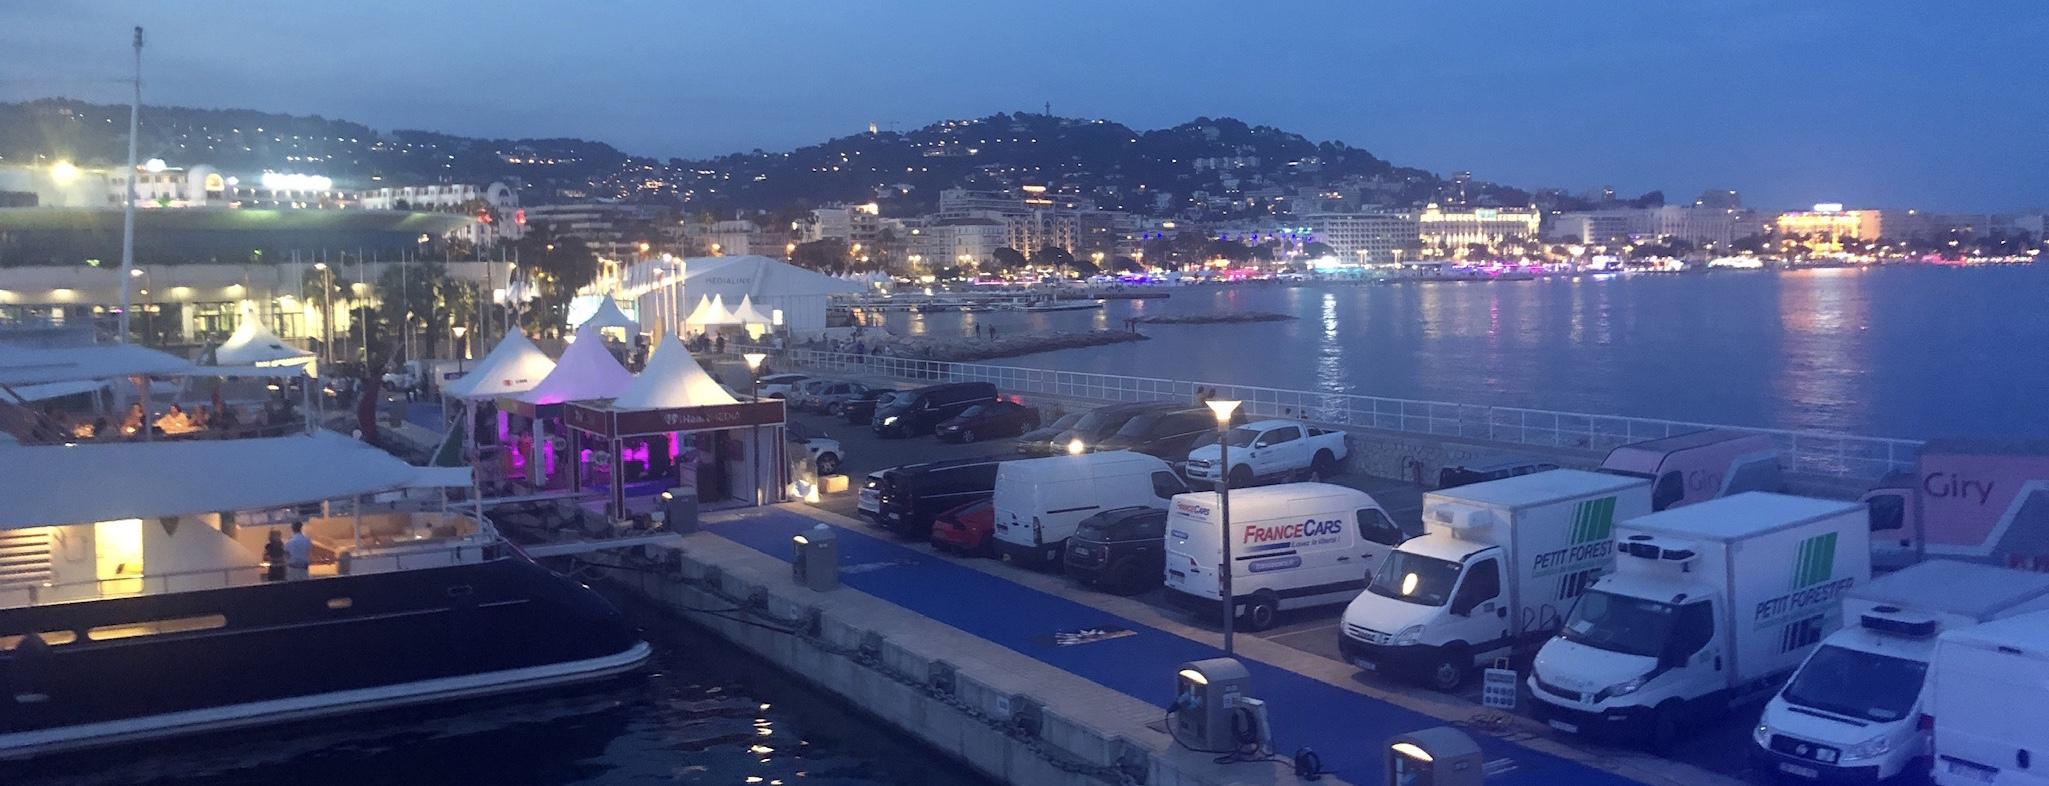 Thursday at Cannes Lions 2019 - Jim Stengel